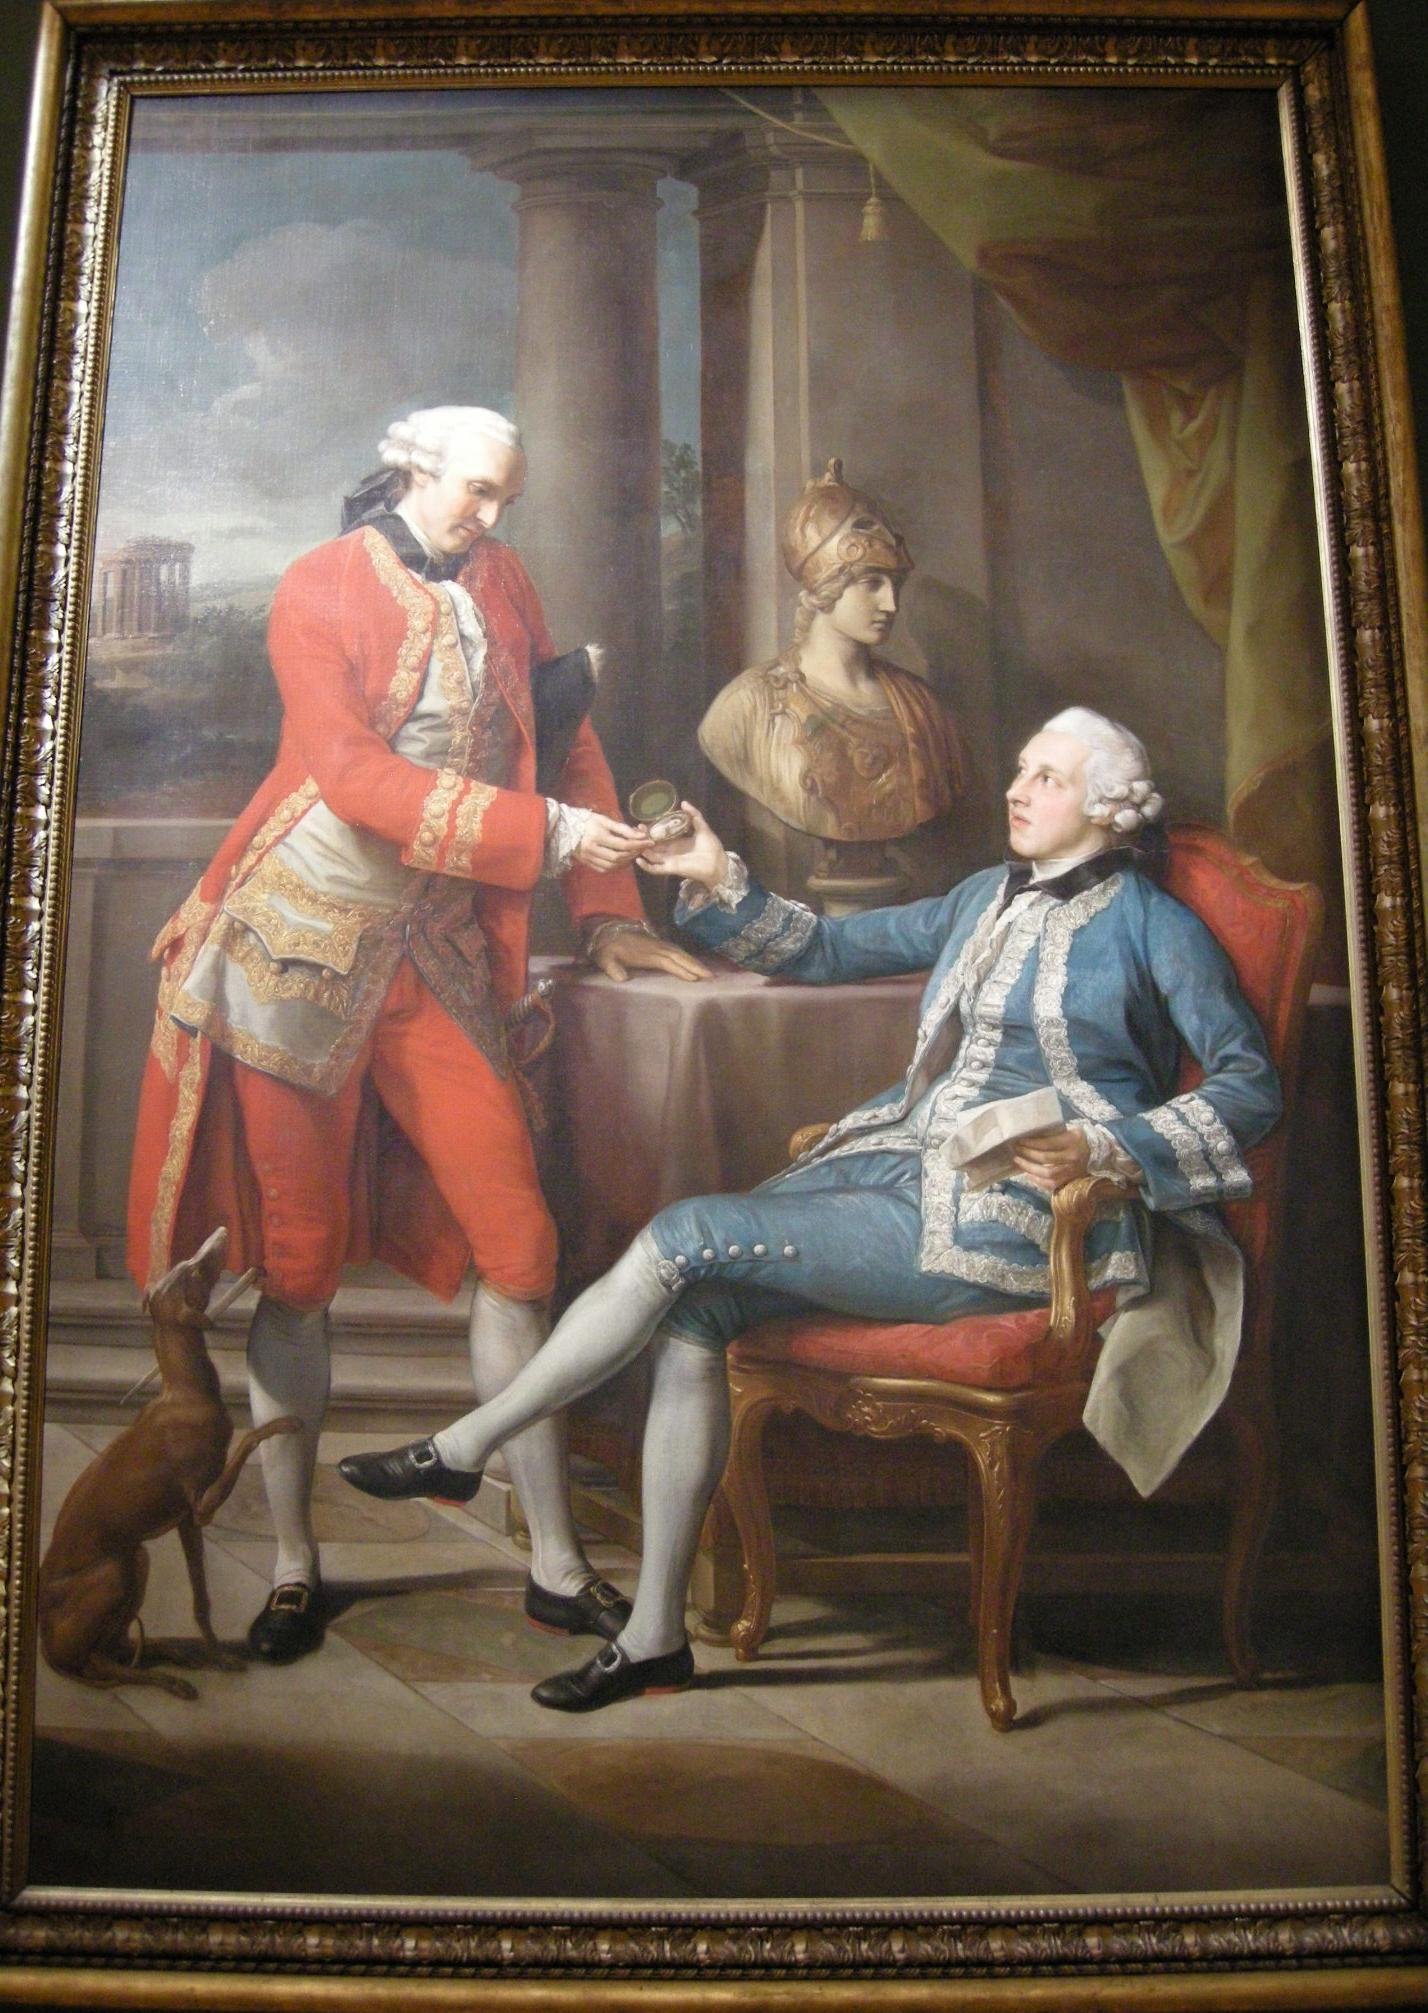 File:Pompeo batoni, sir sampson gideon e un compagno ignoto, 1767.JPG